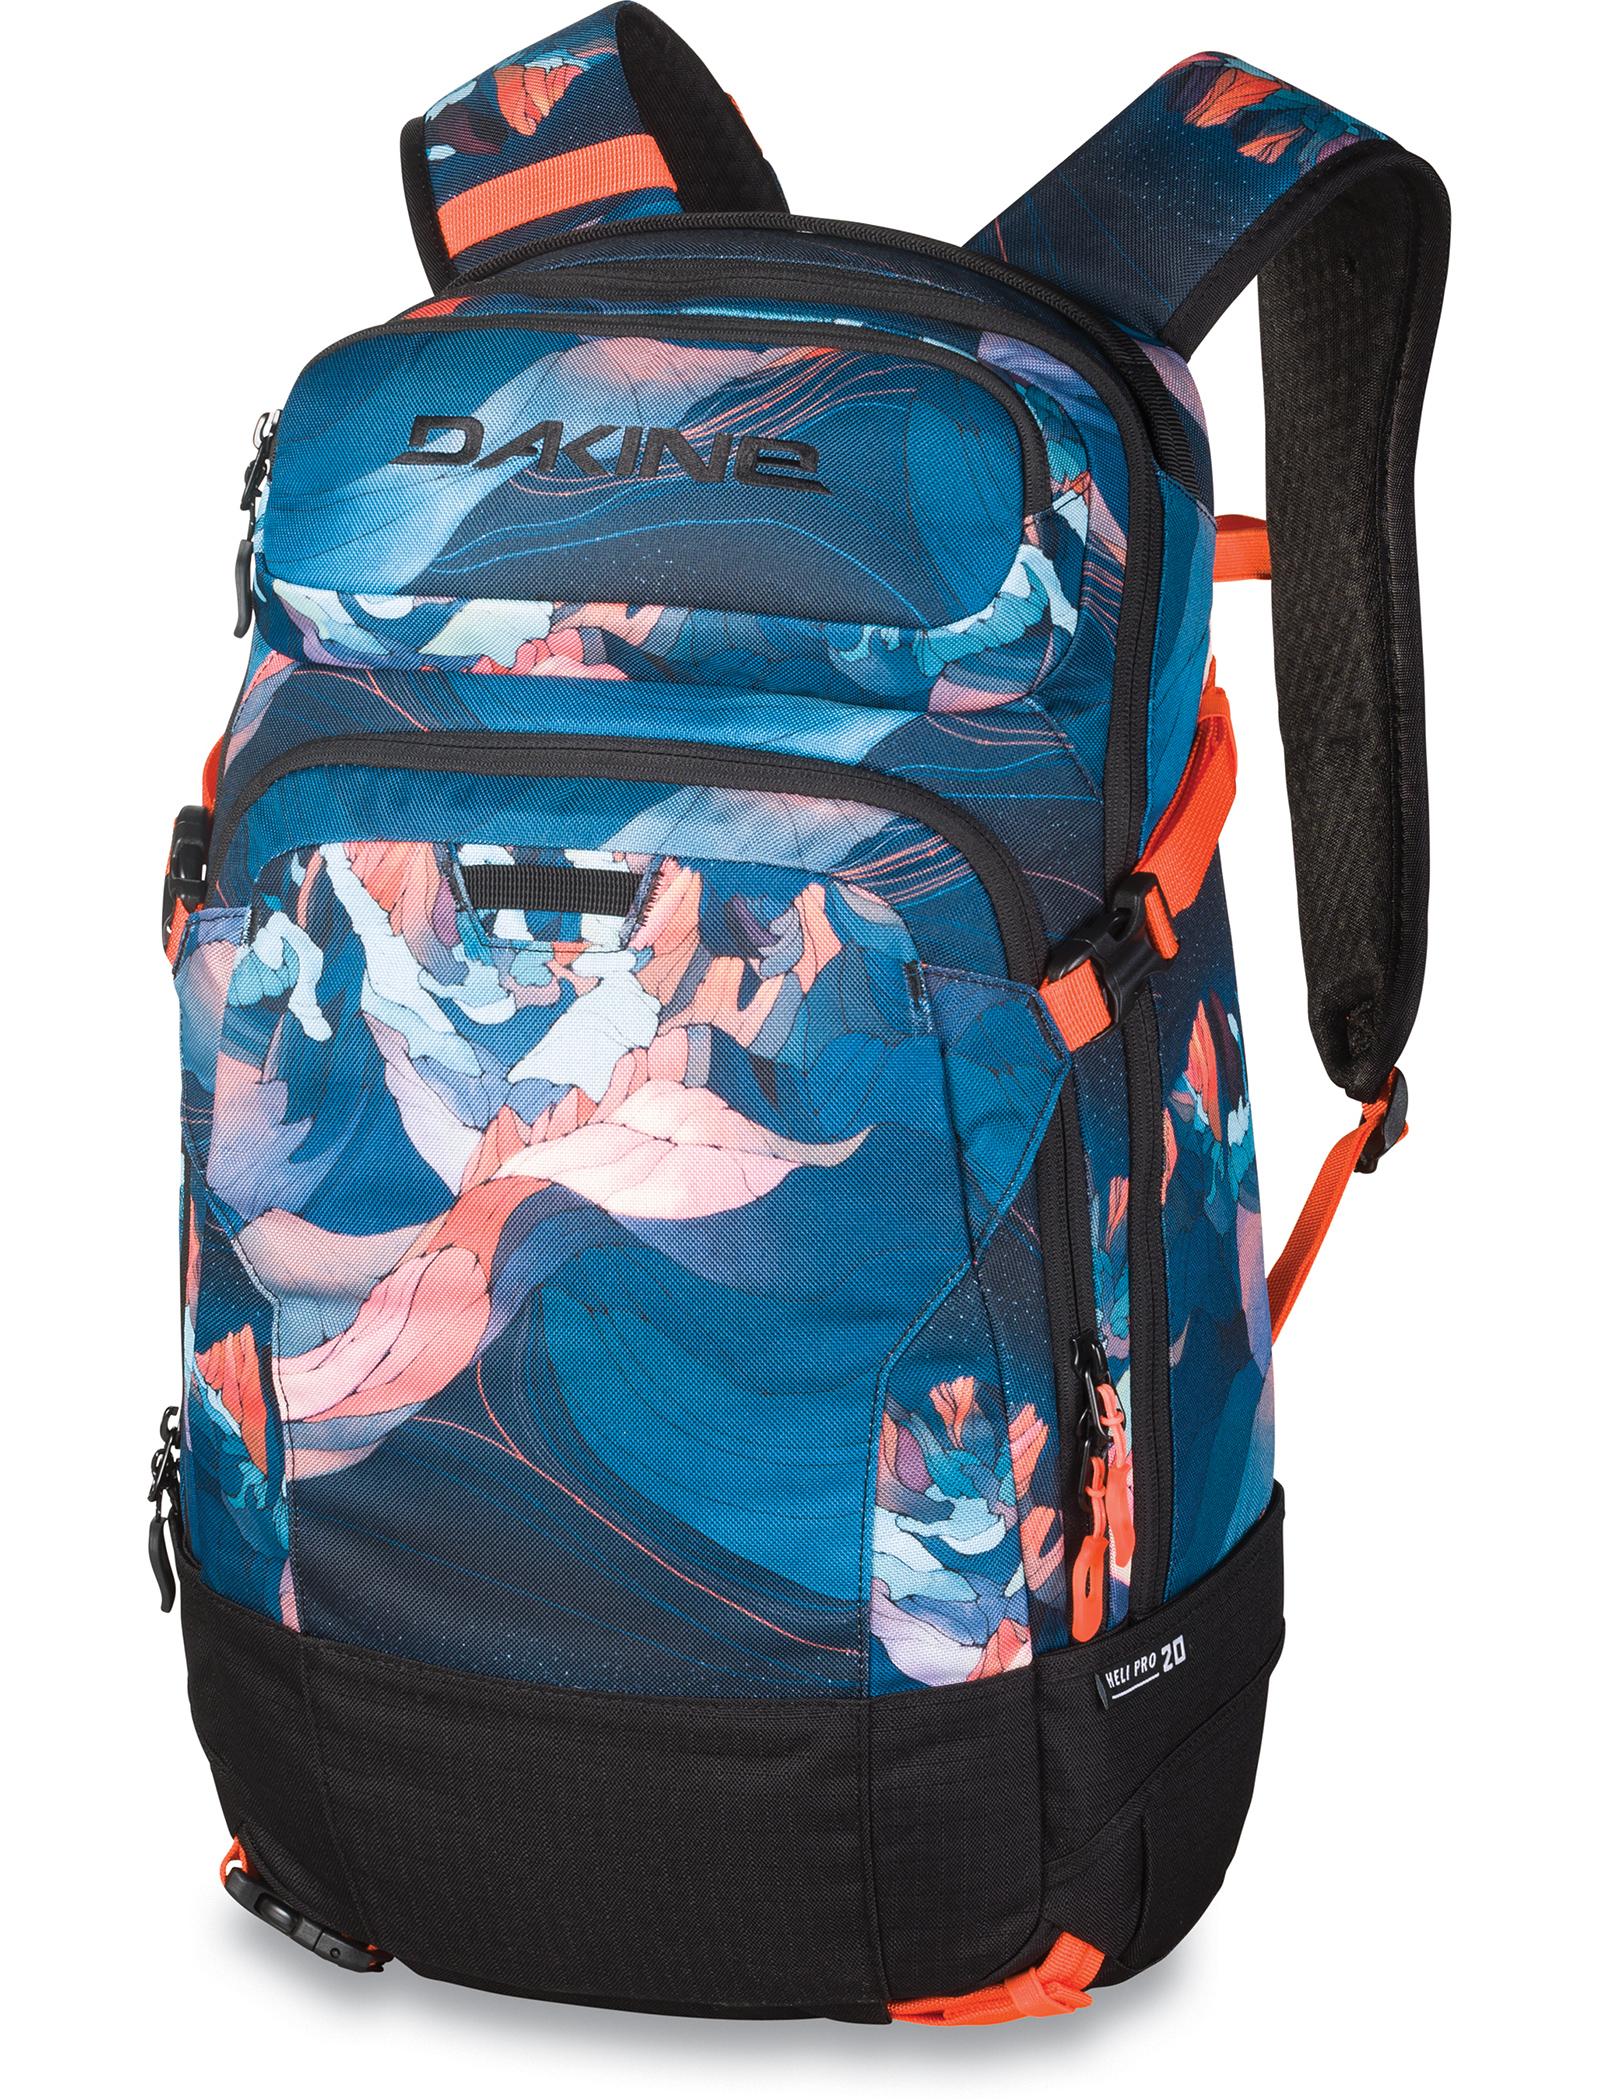 5fdd3b302b66 Dakine Backpack Womens Heli Pro 20L 2018